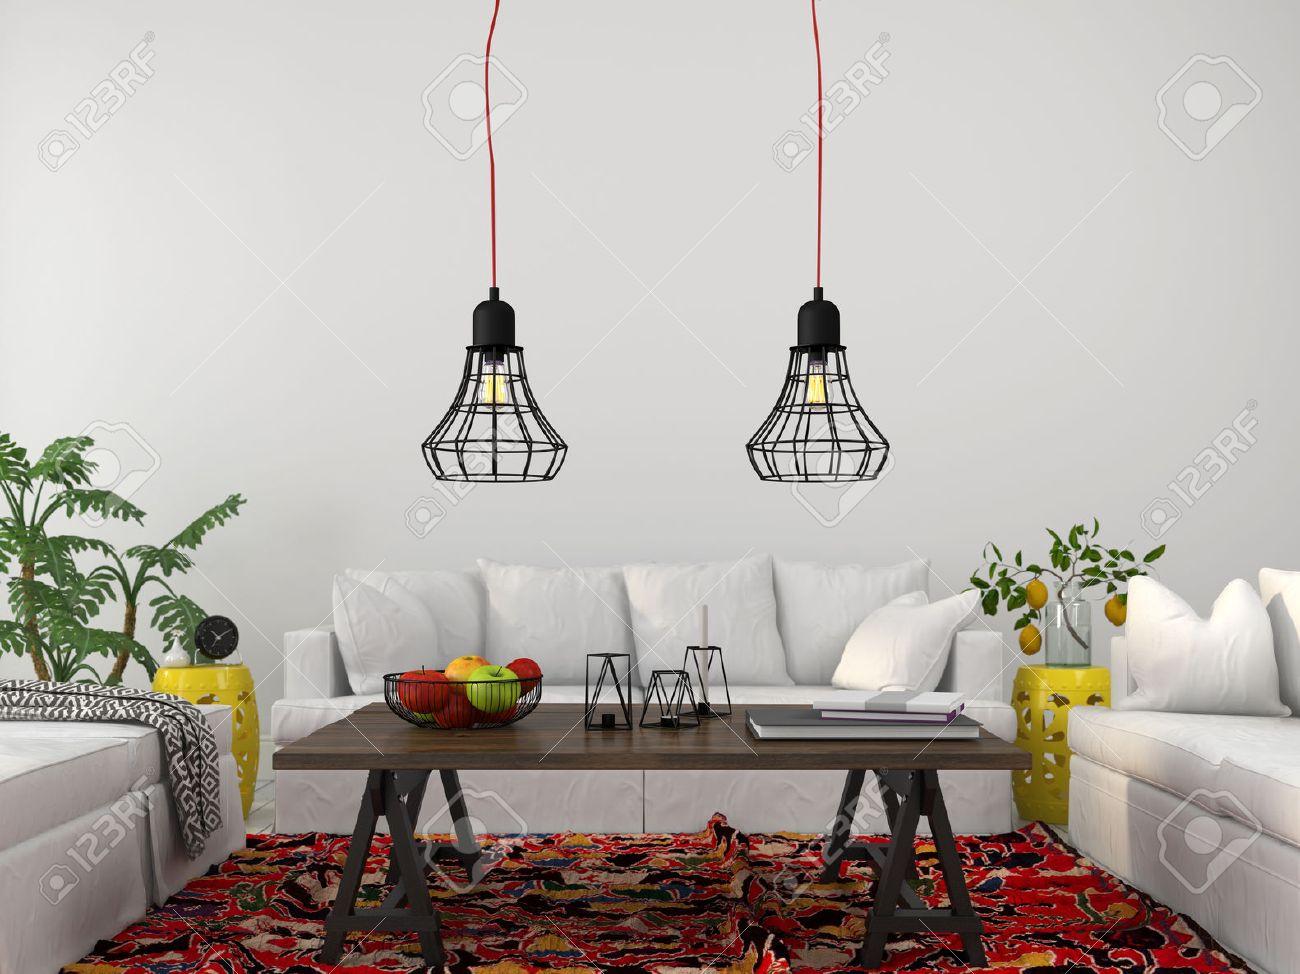 Modernes Wohnzimmer Mit Weißen Möbeln, Holztisch Und Modern Kronleuchter  Standard Bild   42092053